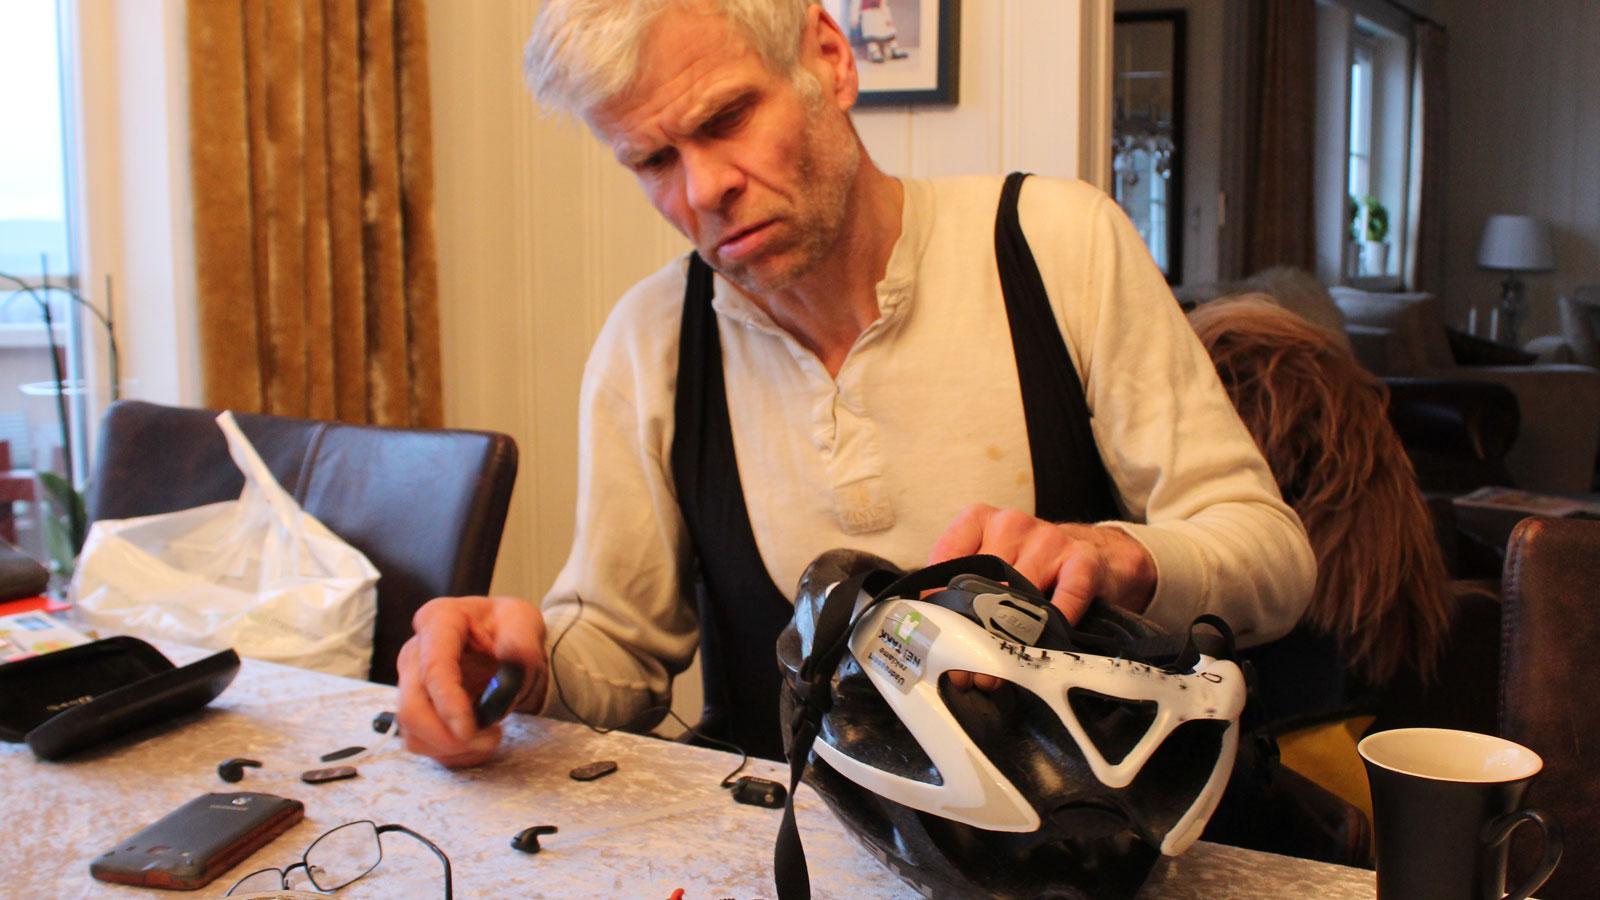 Leif Kagge bruker sykkel hele året, og synes håndfrisettet fra Uclear fungerer som det skal.Foto: Espen Irwing Swang, Amobil.no